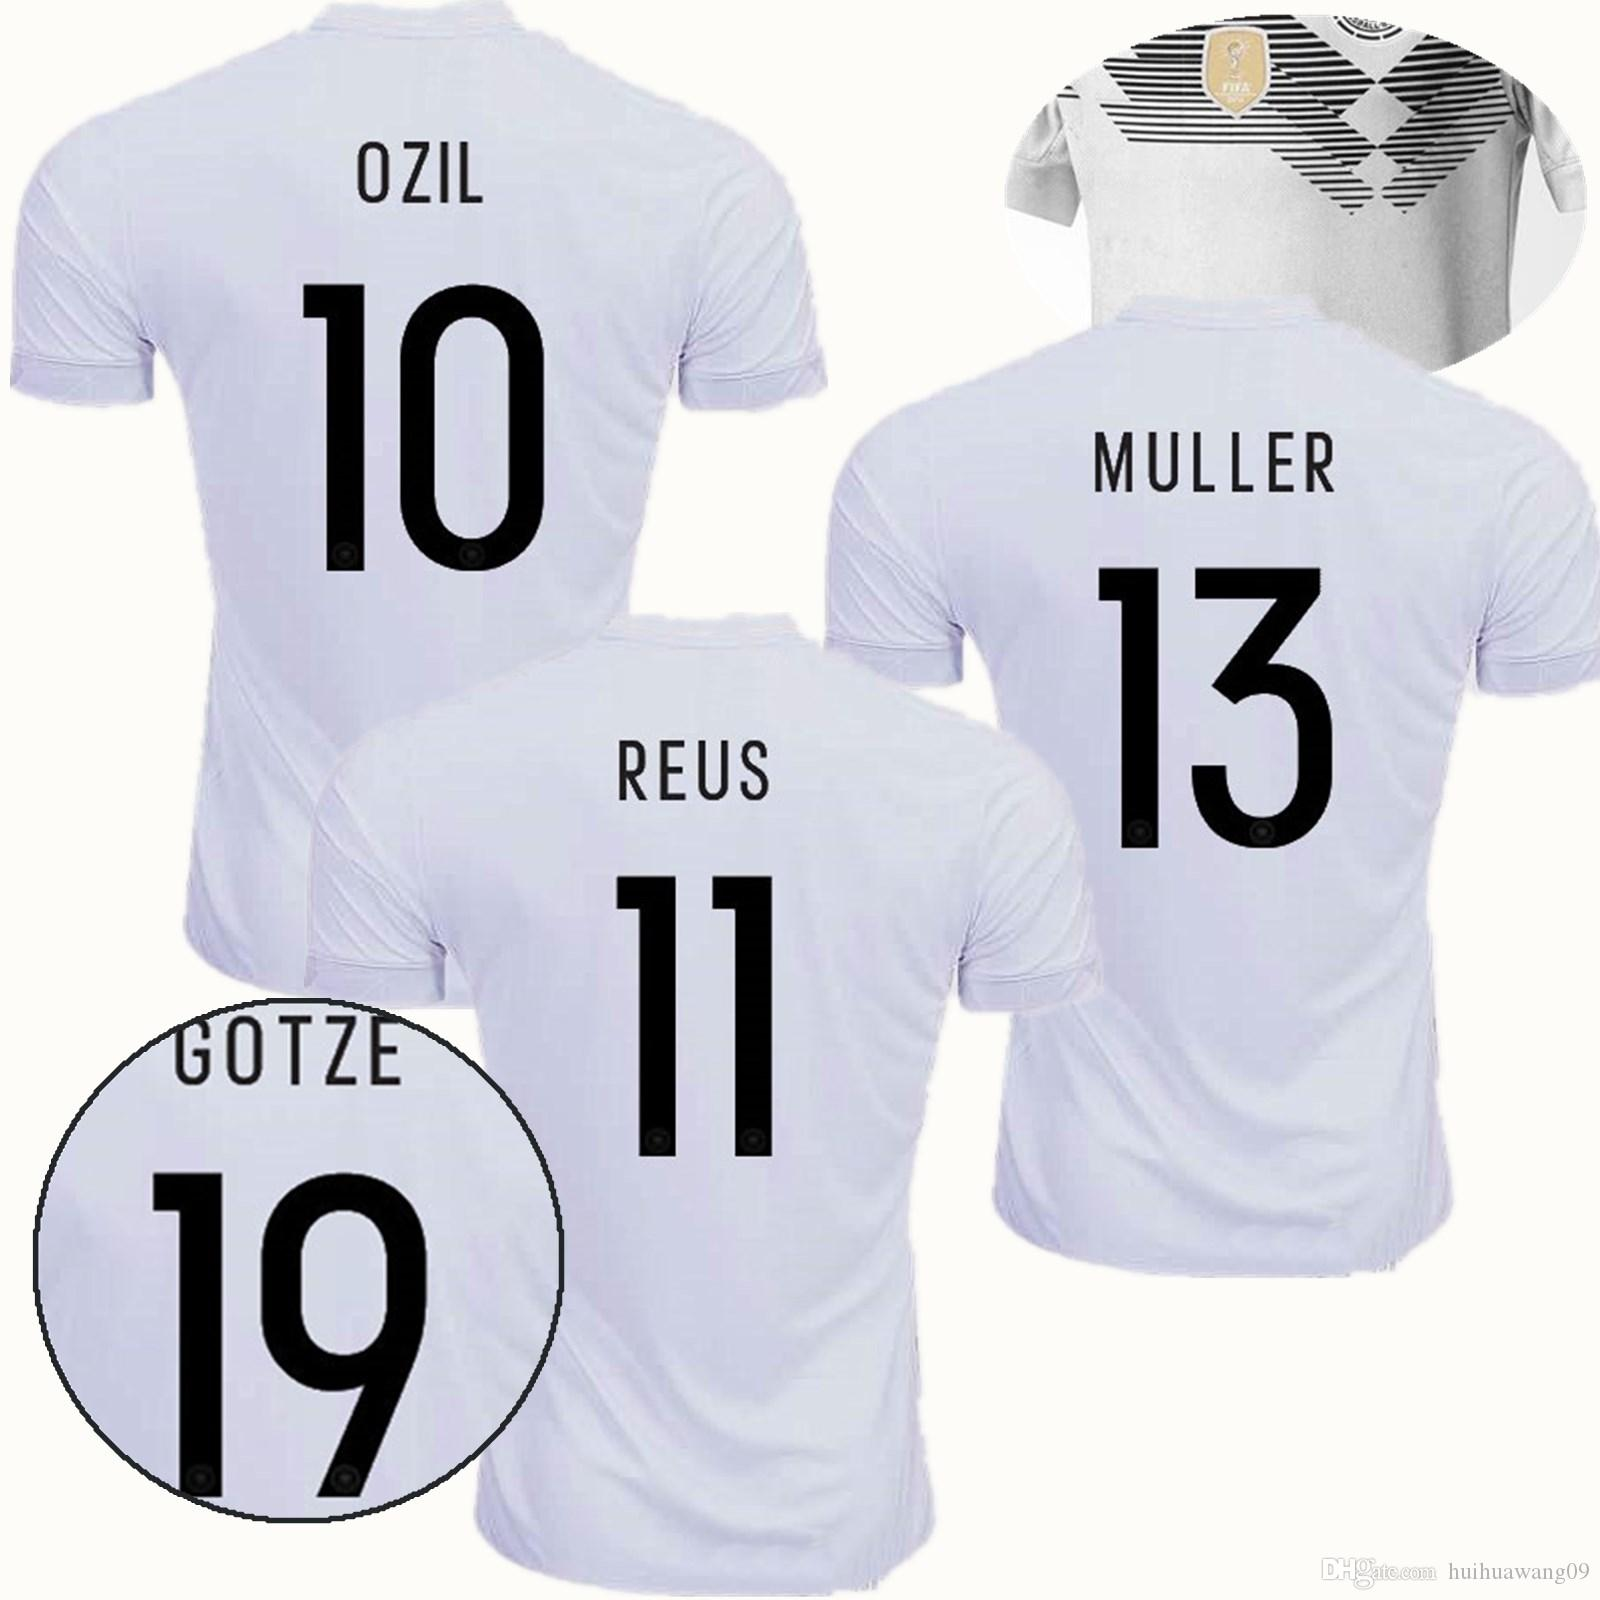 872457add92 ... best price goalkeeper shirt neuer 1 national germany 2018 world cup  jerseys muller soccer jerseys 18